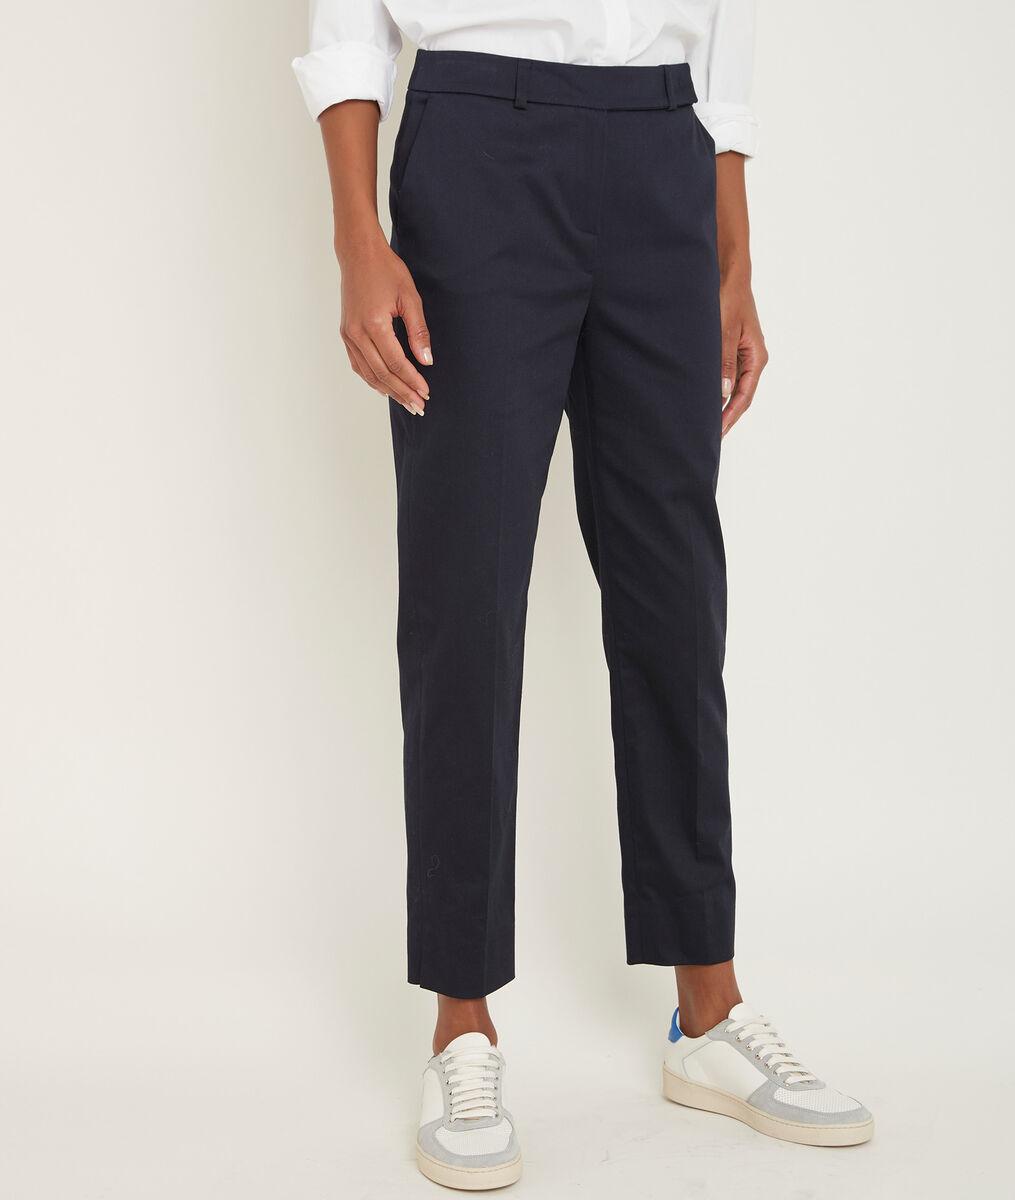 Pantalon marine Rubis PhotoZ   1-2-3